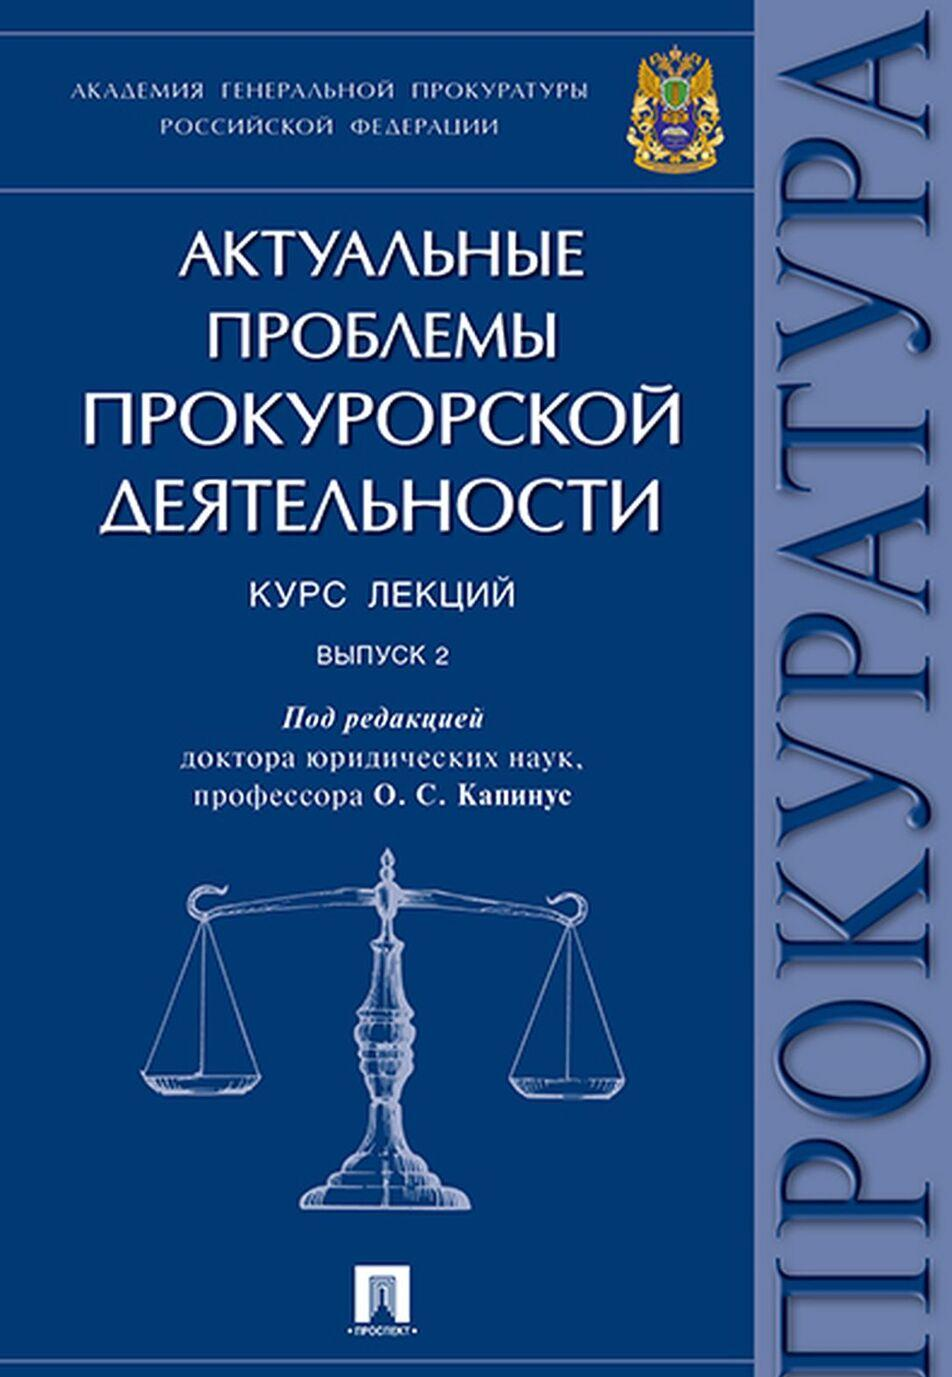 Aktualnye problemy prokurorskoj dejatelnosti. Kurs lektsij. Vyp. 2